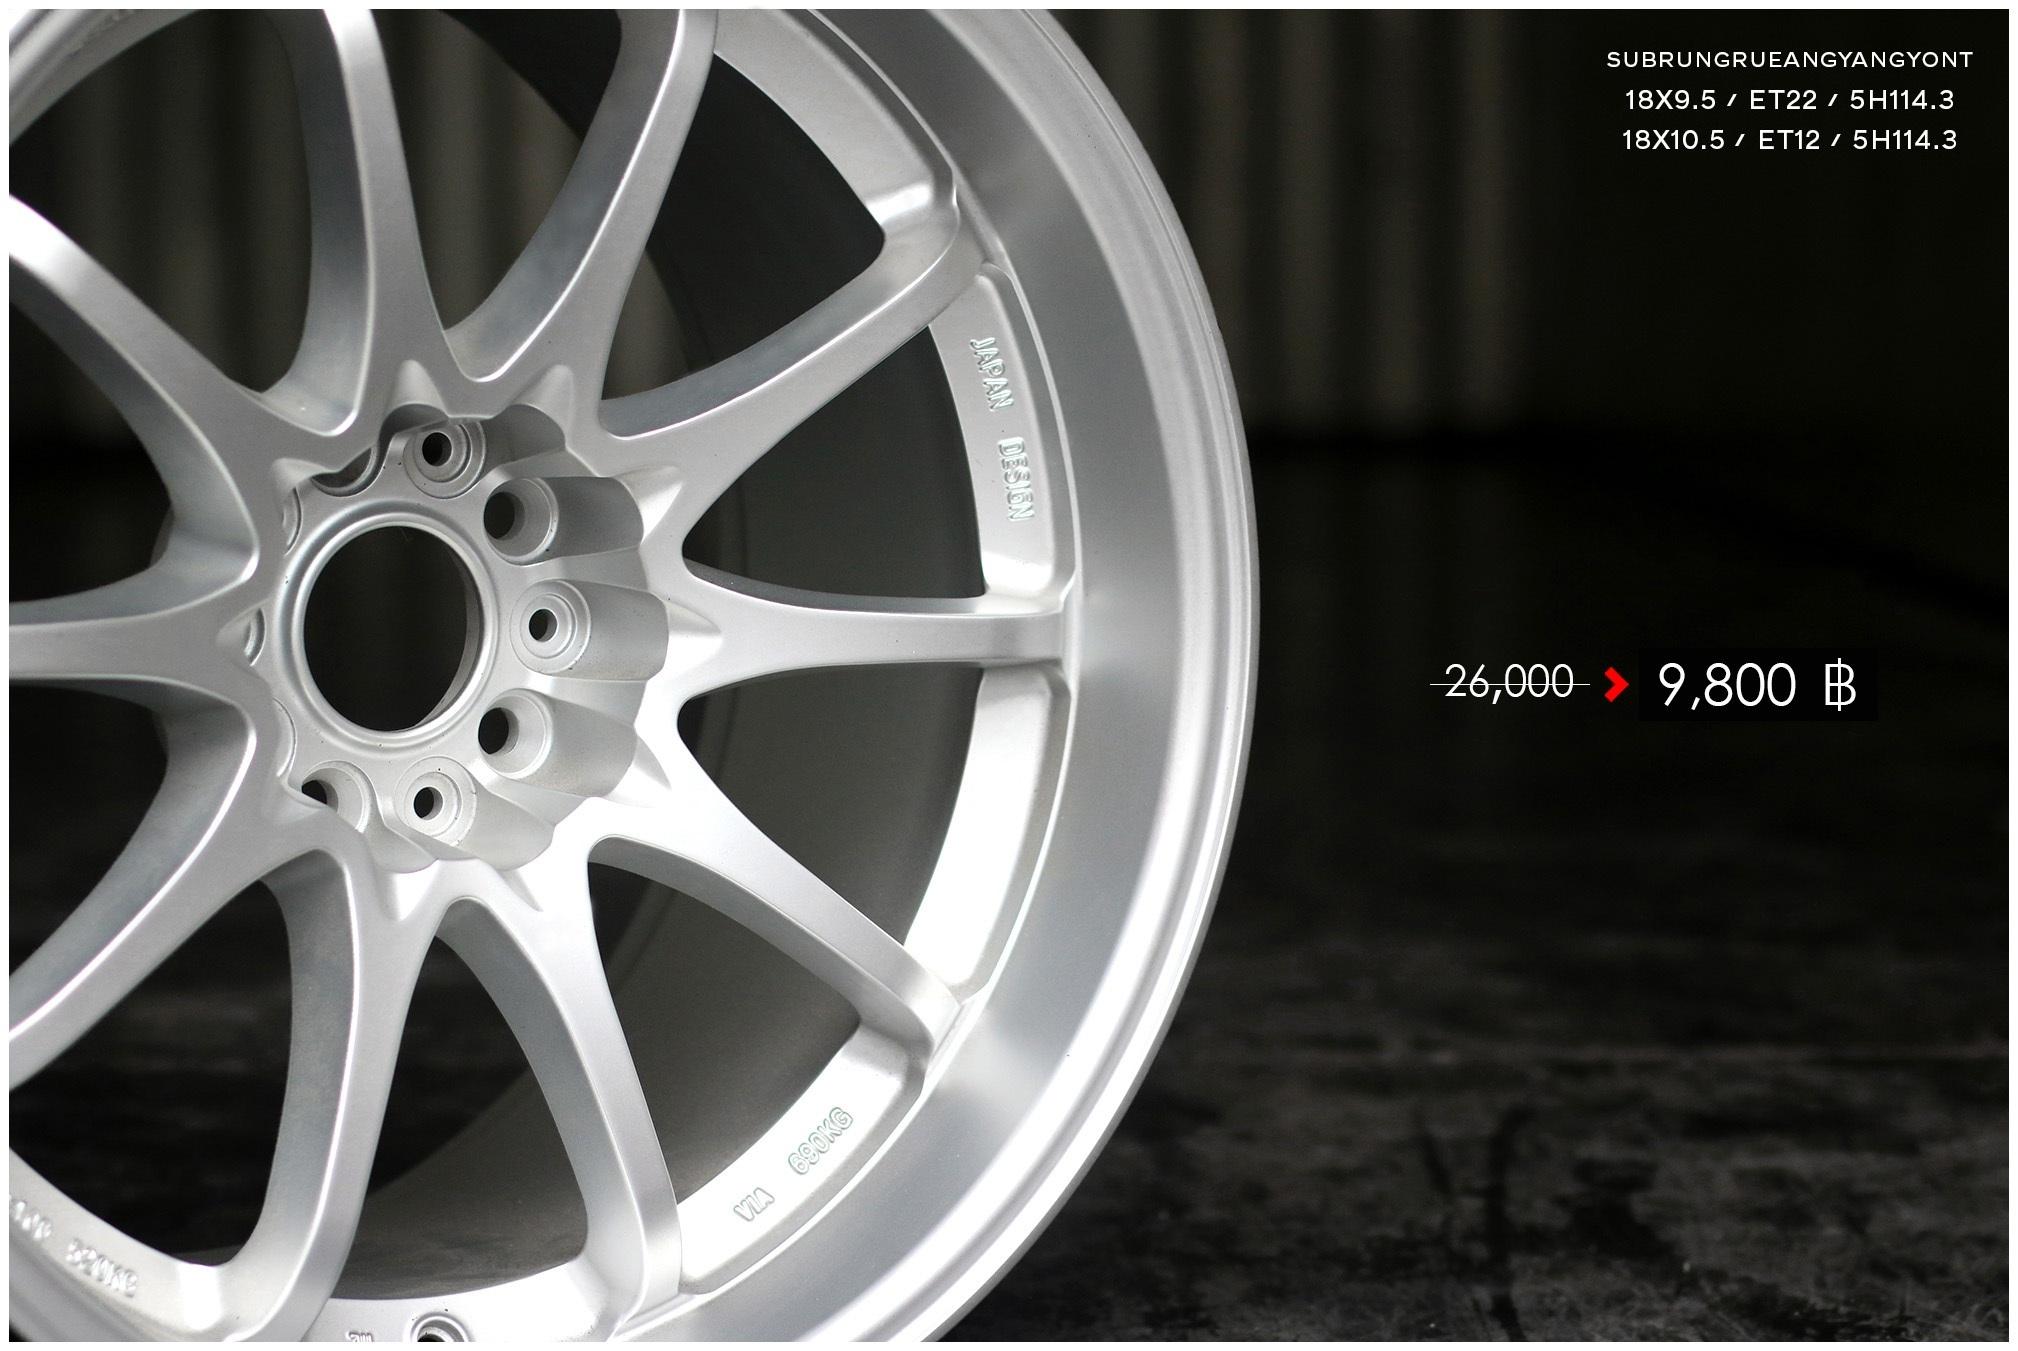 ล้อใหม่ CE28 ขอบ18 ใส่กะบะ ราคาพิเศษ ลดราคา ชุด9800 ปกติ 24000